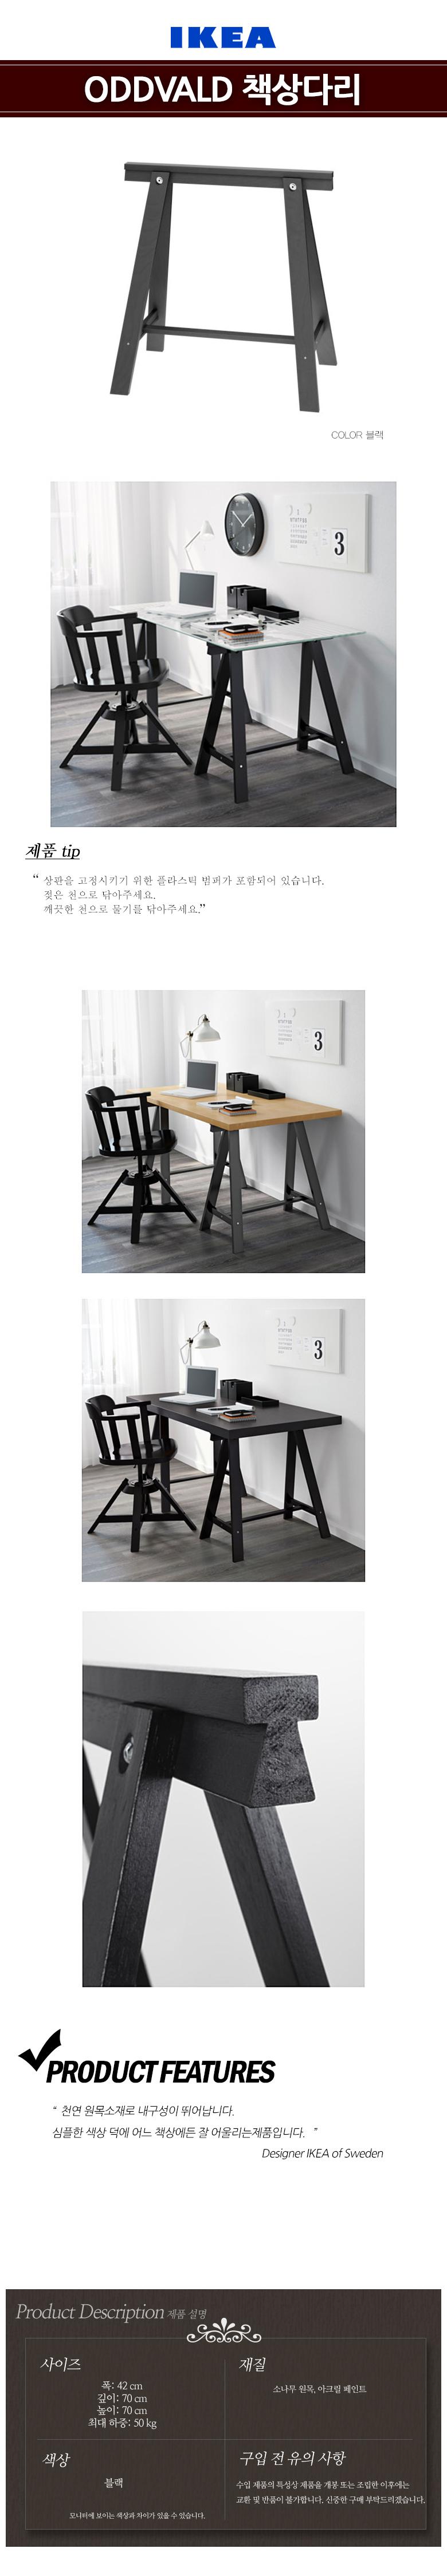 이케아 ODDVALD 책상다리 - 이케아, 35,500원, DIY 책상/의자, DIY 책상/테이블